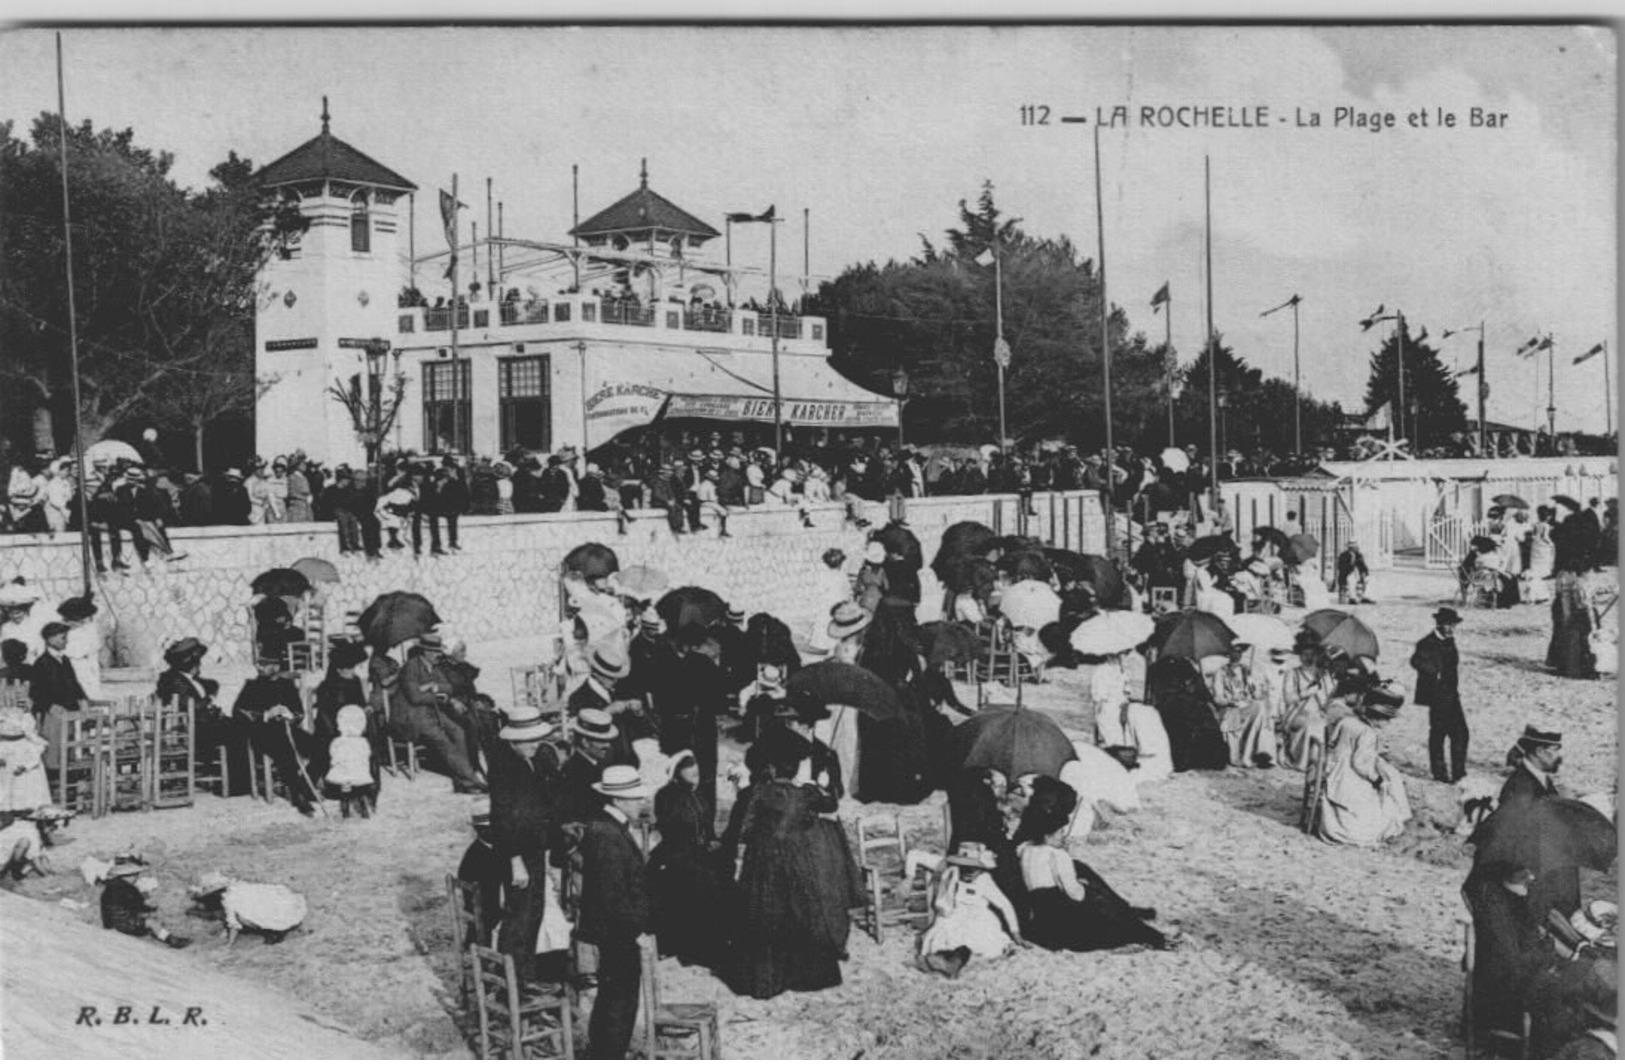 LOT A45 - La Rochelle